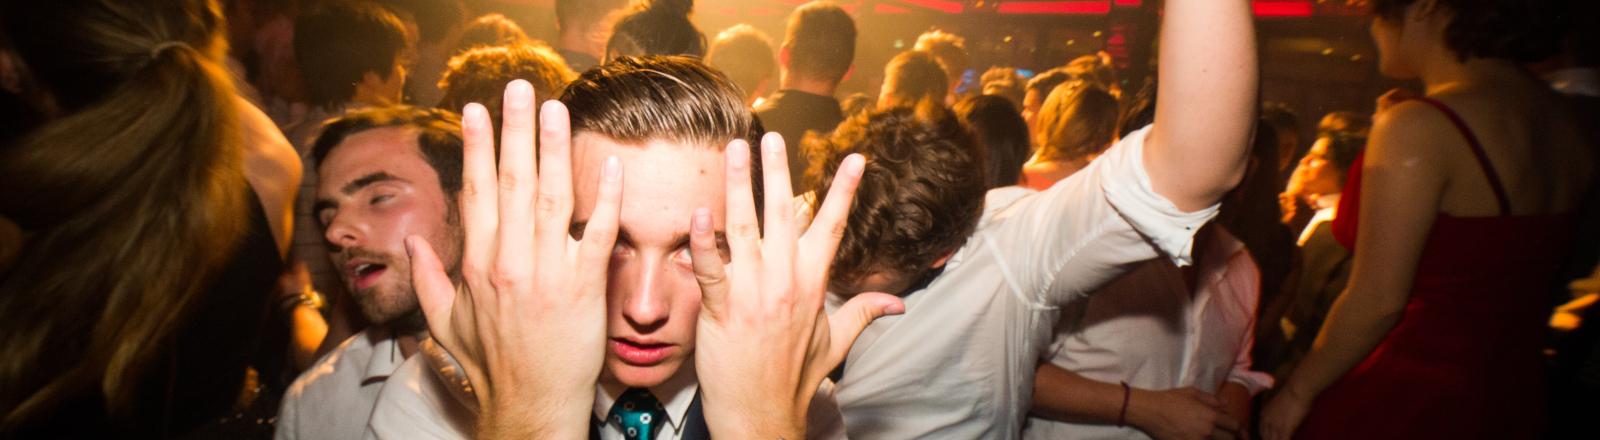 Party-Menge feiert in einem Club.